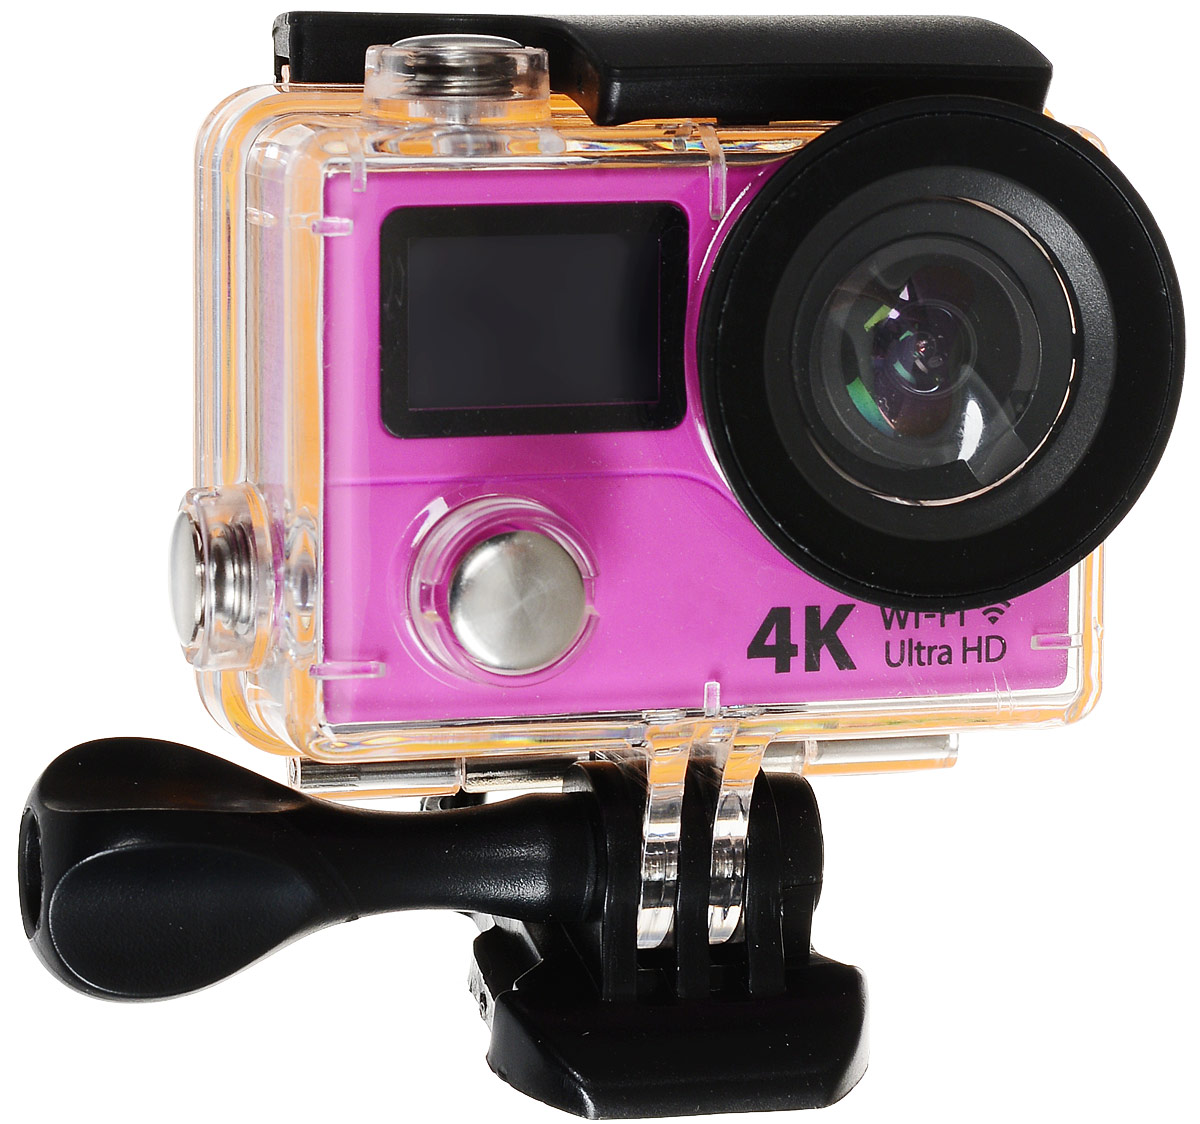 Eken H3R Ultra HD, Pink экшн-камераH3R/H8Rse_pinkЭкшн-камера Eken H3R Ultra HD позволяет записывать видео с разрешением 4К и очень плавным изображением до 25 кадров в секунду. Камера имеет два дисплея: 2 TFT LCD основной экран и 0.95 OLED экран статуса (уровень заряда батареи, подключение к WiFi, режим съемки и длительность записи). Эта модель сделана для любителей спорта на улице, подводного плавания, скейтбординга, скай-дайвинга, скалолазания, бега или охоты. Снимайте с руки, на велосипеде, в машине и где угодно. По сравнению с предыдущими версиями, в Eken H3R Ultra HD вы найдете уменьшенные размеры корпуса, увеличенный до 2-х дюймов экран, невероятную оптику и фантастическое разрешение изображения при съемке 25 кадров в секунду!Управляйте вашей H3R на своем смартфоне или планшете. Приложение Ez iCam App позволяет работать с браузером и наблюдать все то, что видит ваша камера. В комплекте с камерой идет пульт ДУ работающий на частоте 2,4 ГГц. Он позволяет начинать и заканчивать съемку удаленно.Как выбрать экшн-камеру. Статья OZON Гид